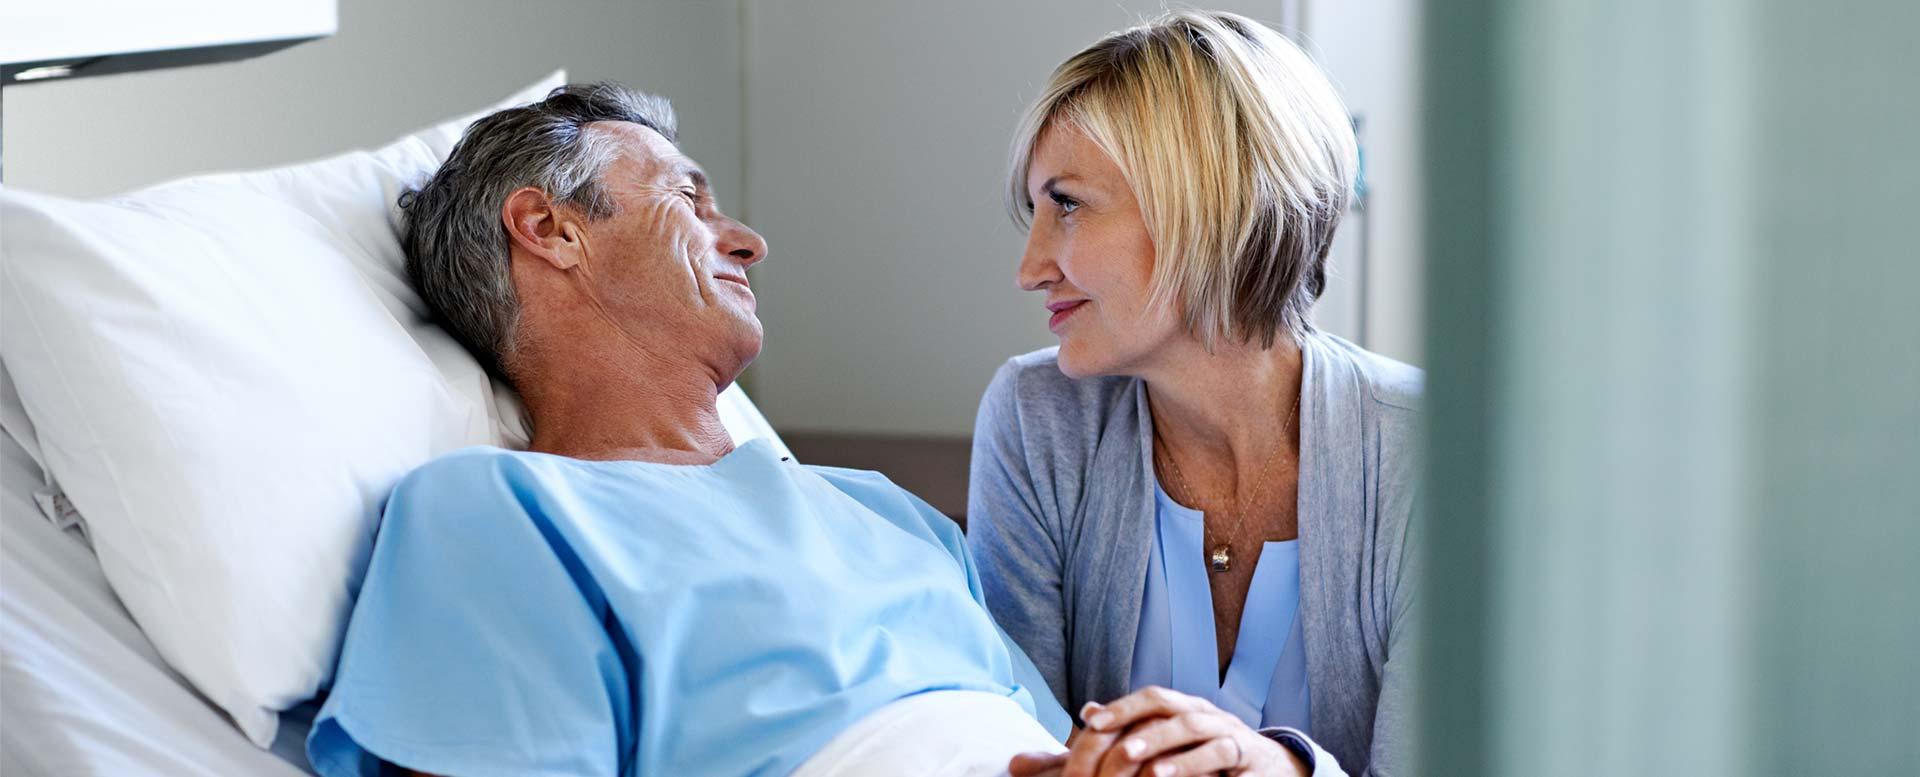 Was ist eine Krankenhaus- zusatzversicherung?